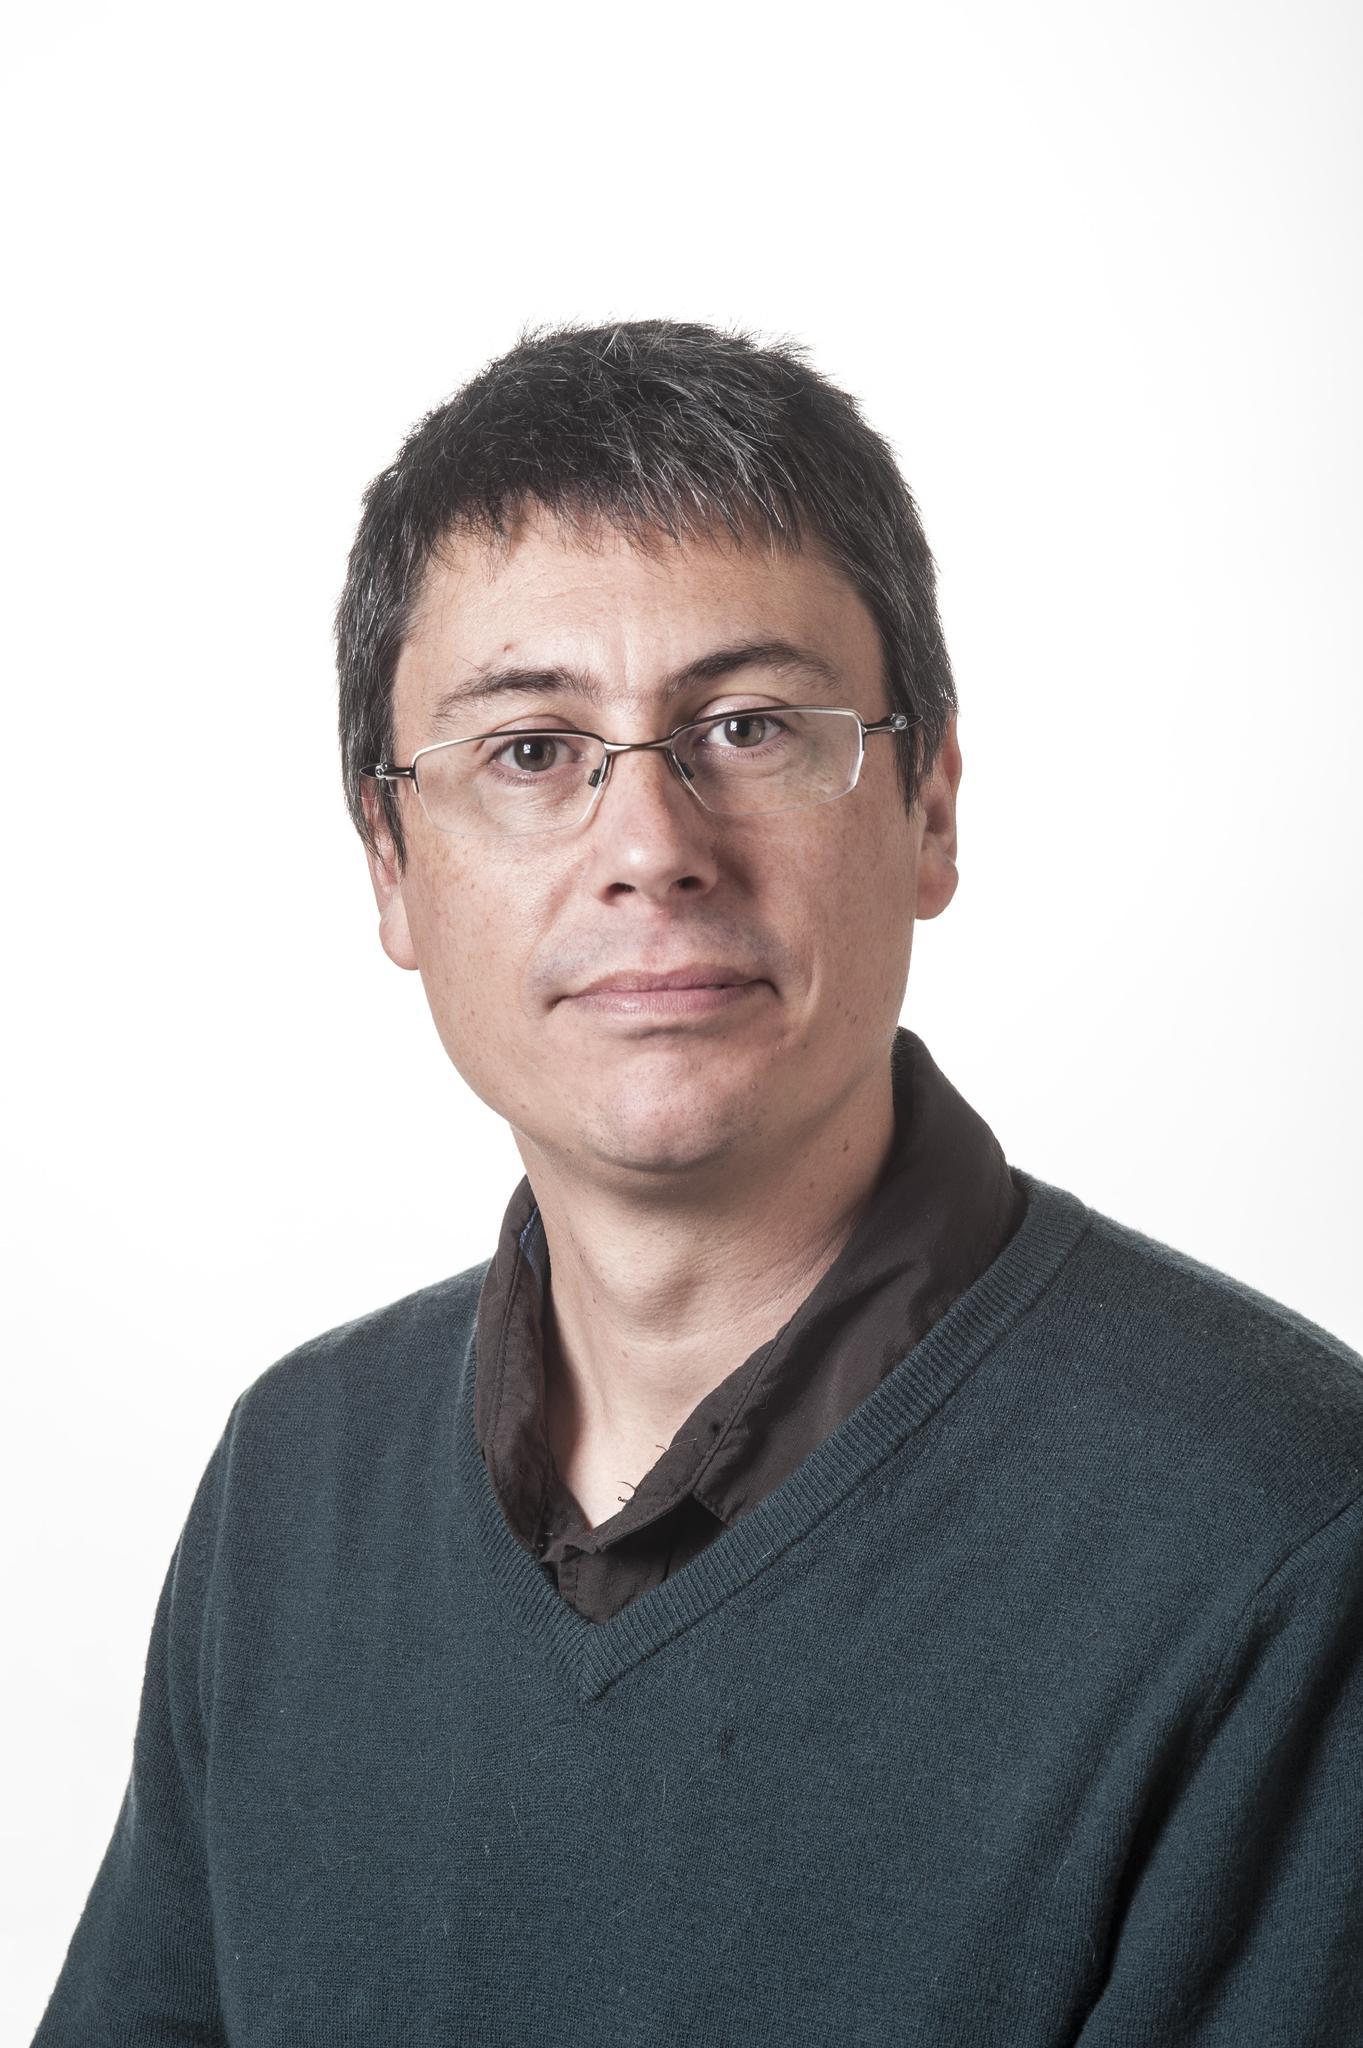 Steven Penfield